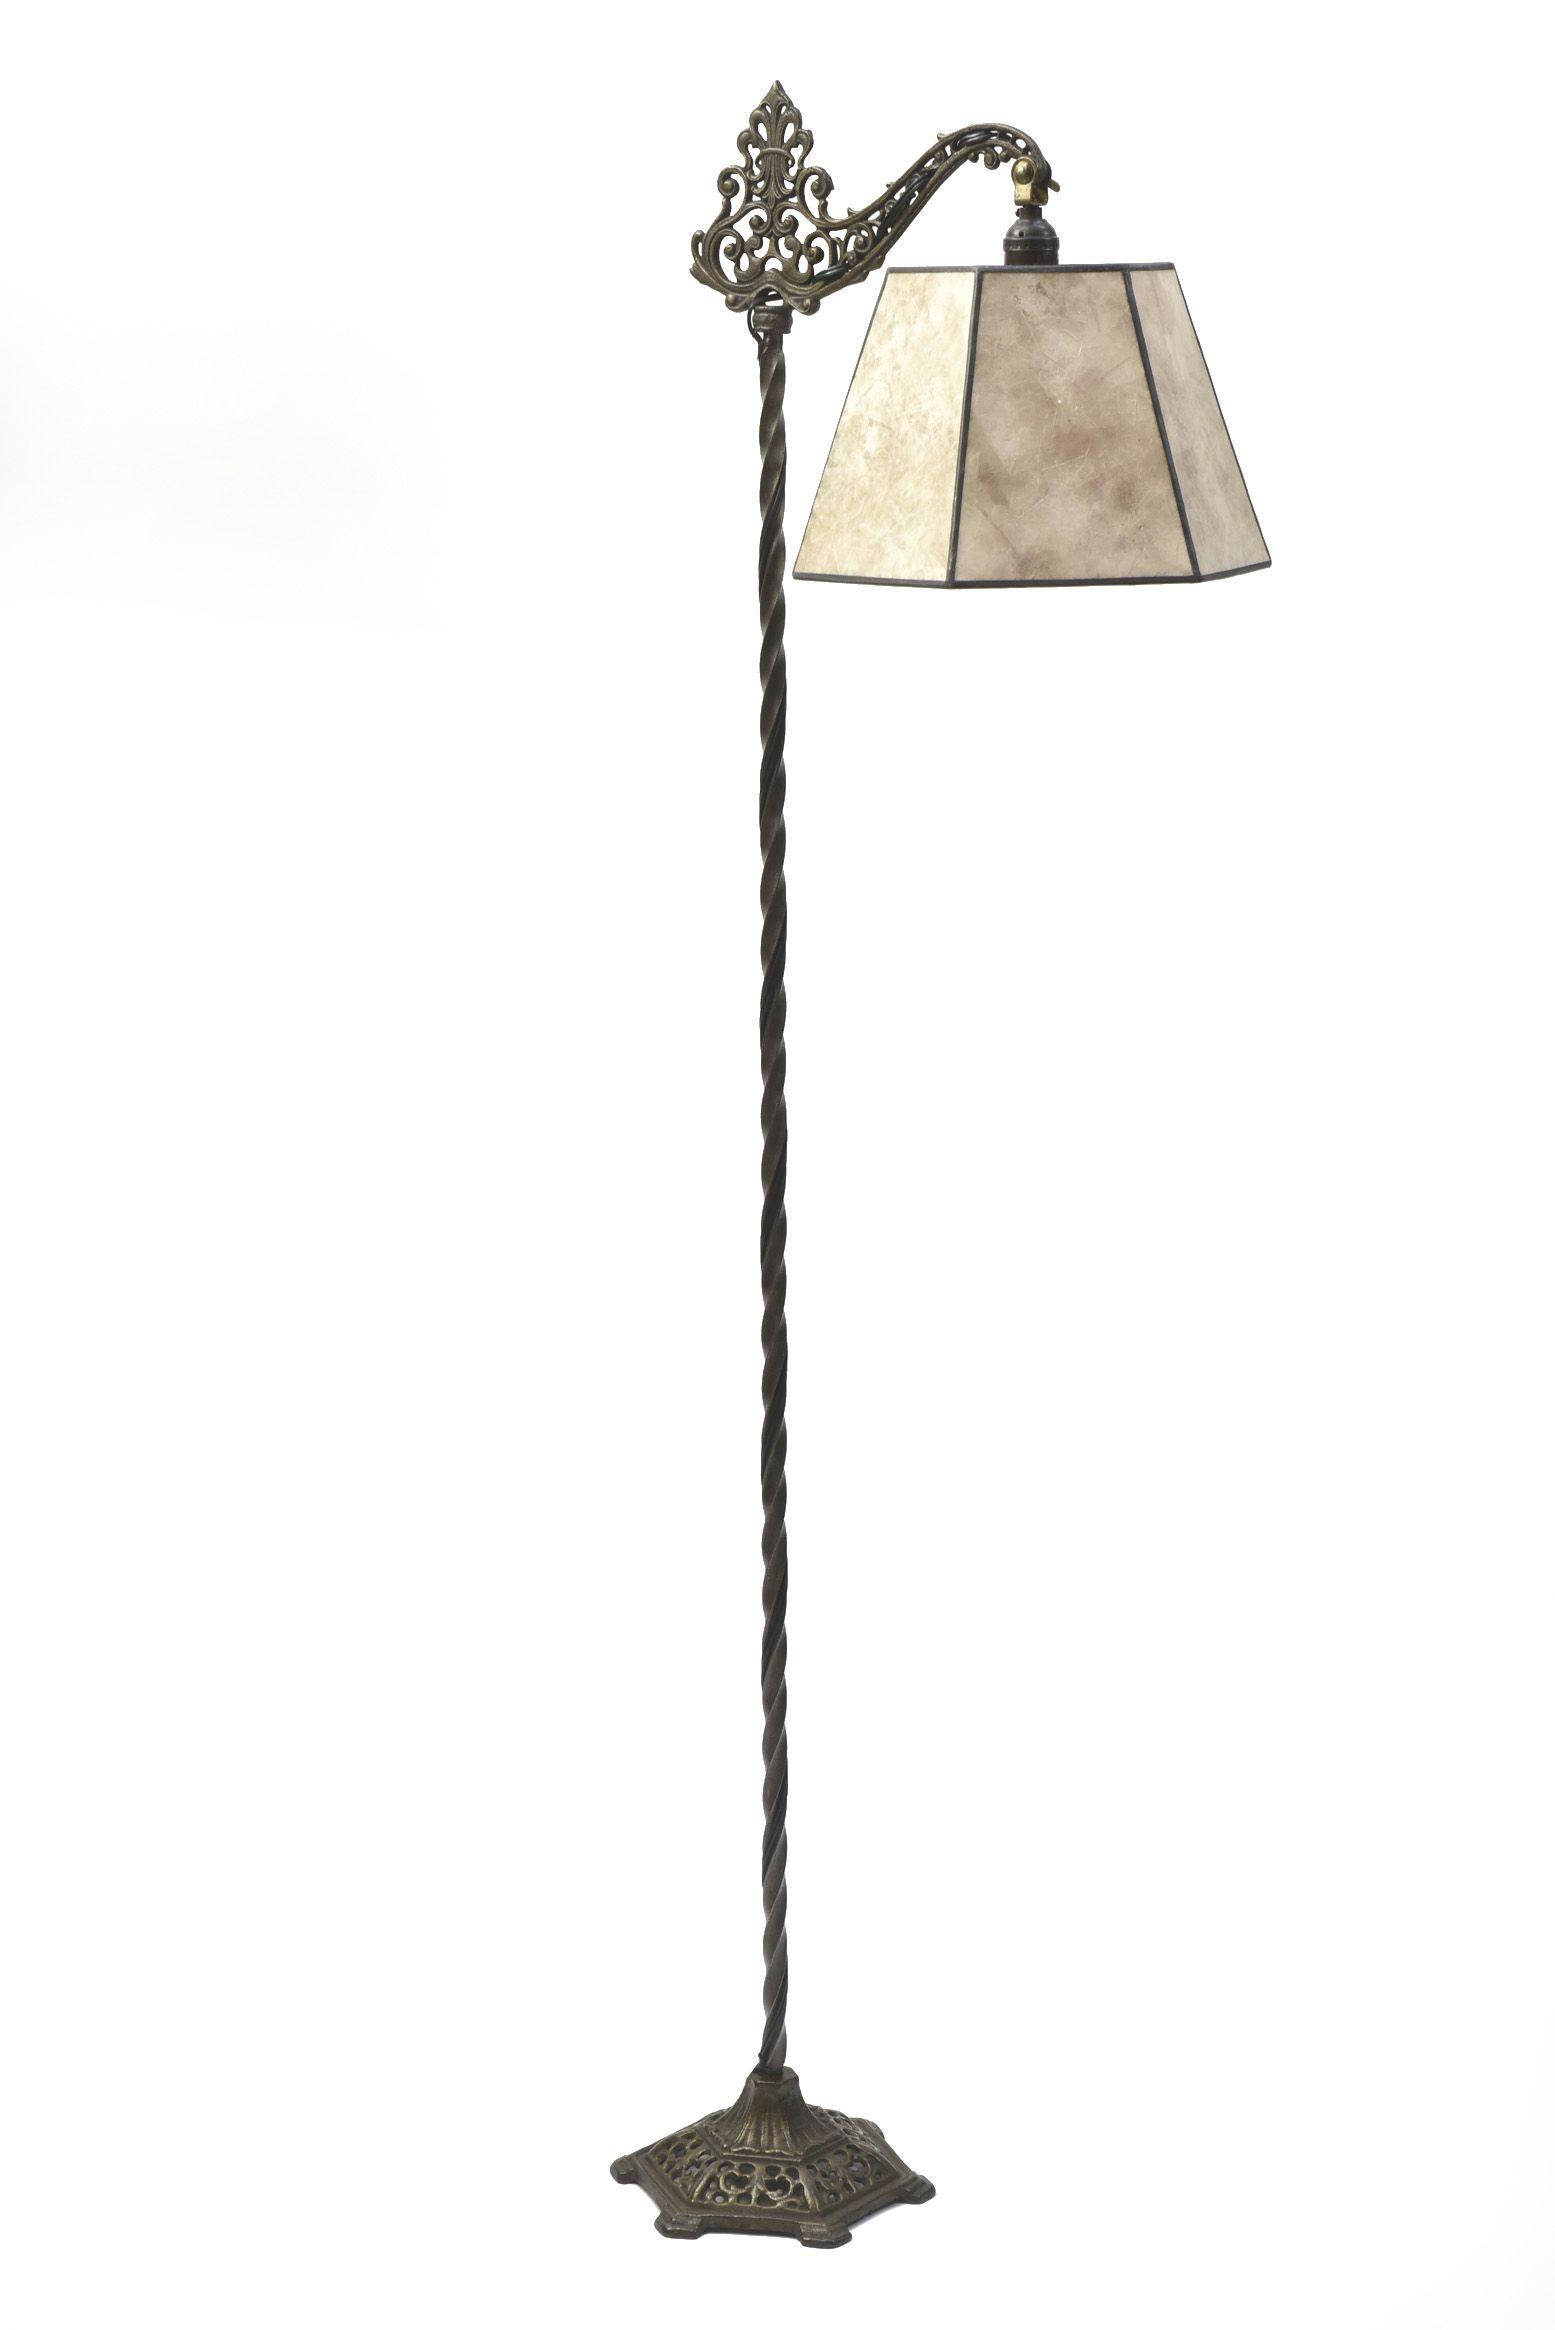 Antique Cast Iron Floor Lamp Bridge